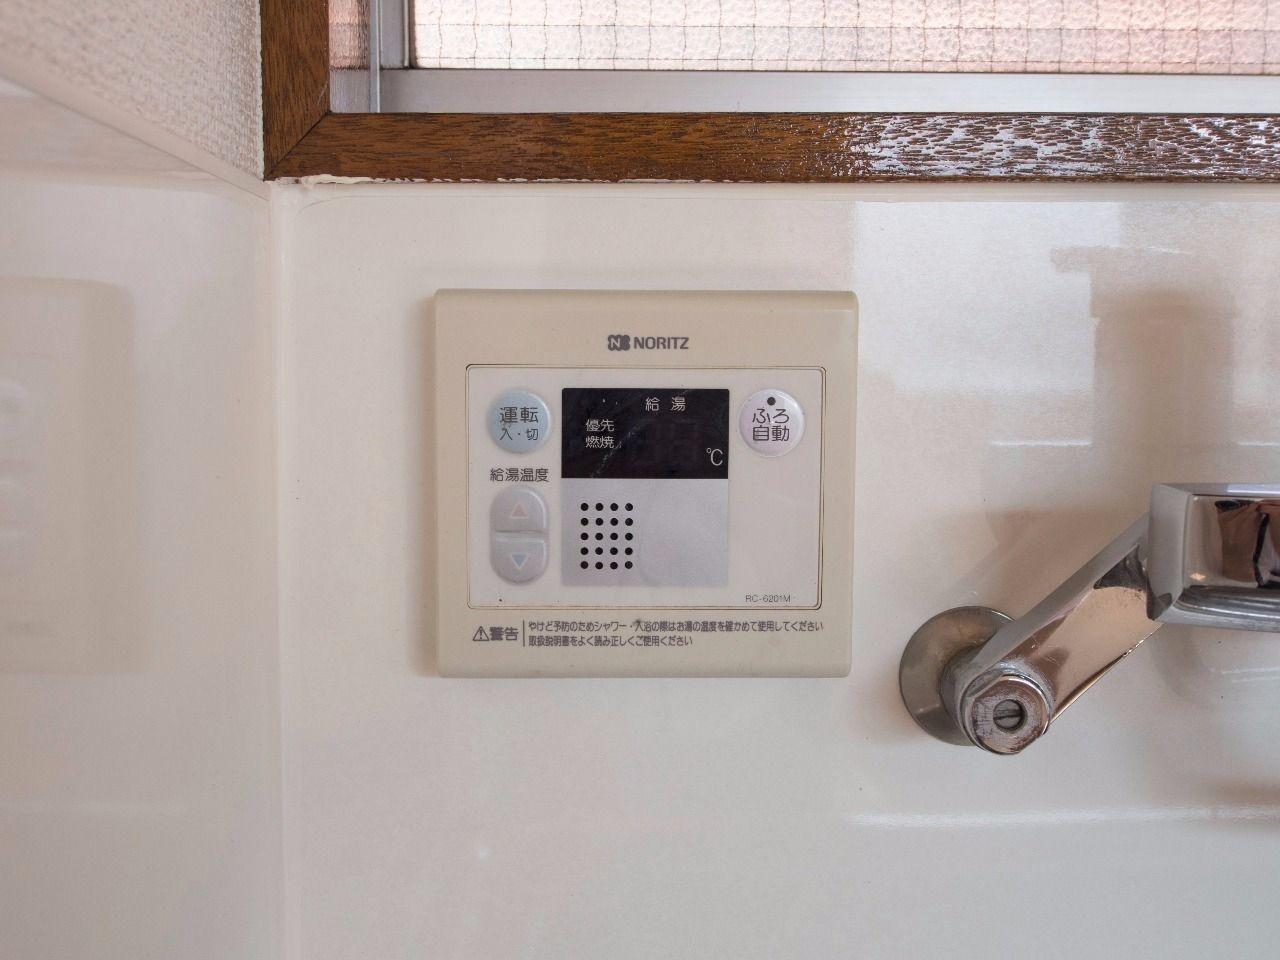 キッチンでも湯温設定や浴室のお湯張りが可能